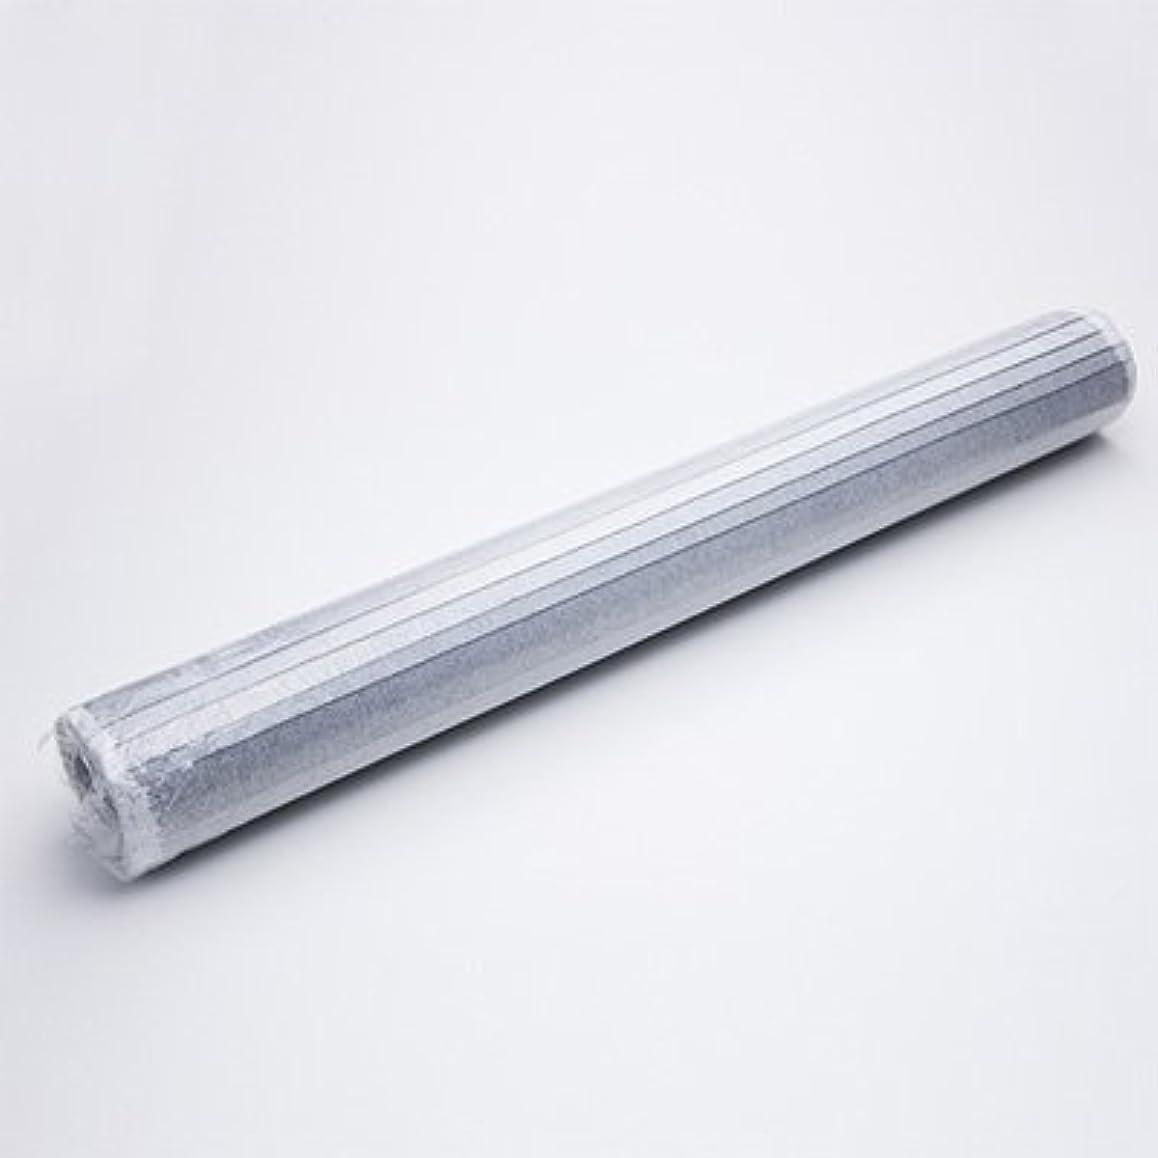 圧力復活する光景畳やマットの下に敷くだけで、空気を浄化し快適な室内空間に。 杉炭紙(畳下敷用?6畳用)